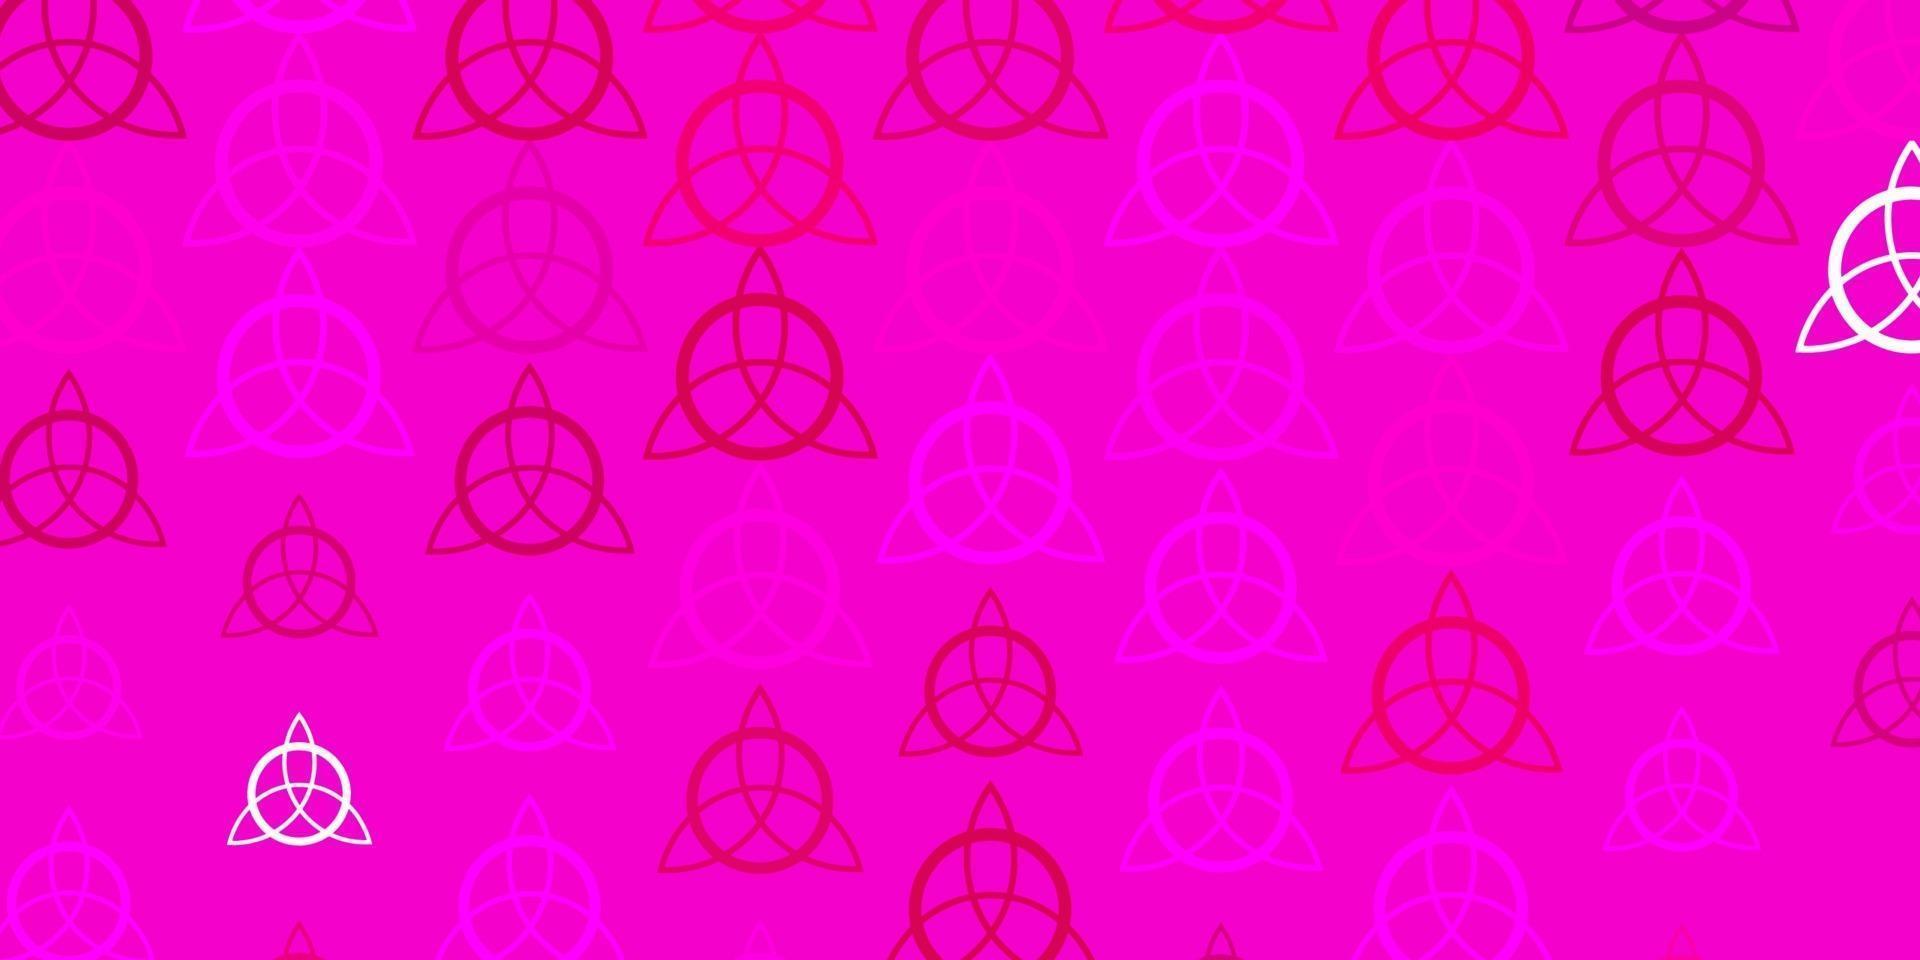 modello vettoriale rosa chiaro con segni esoterici.